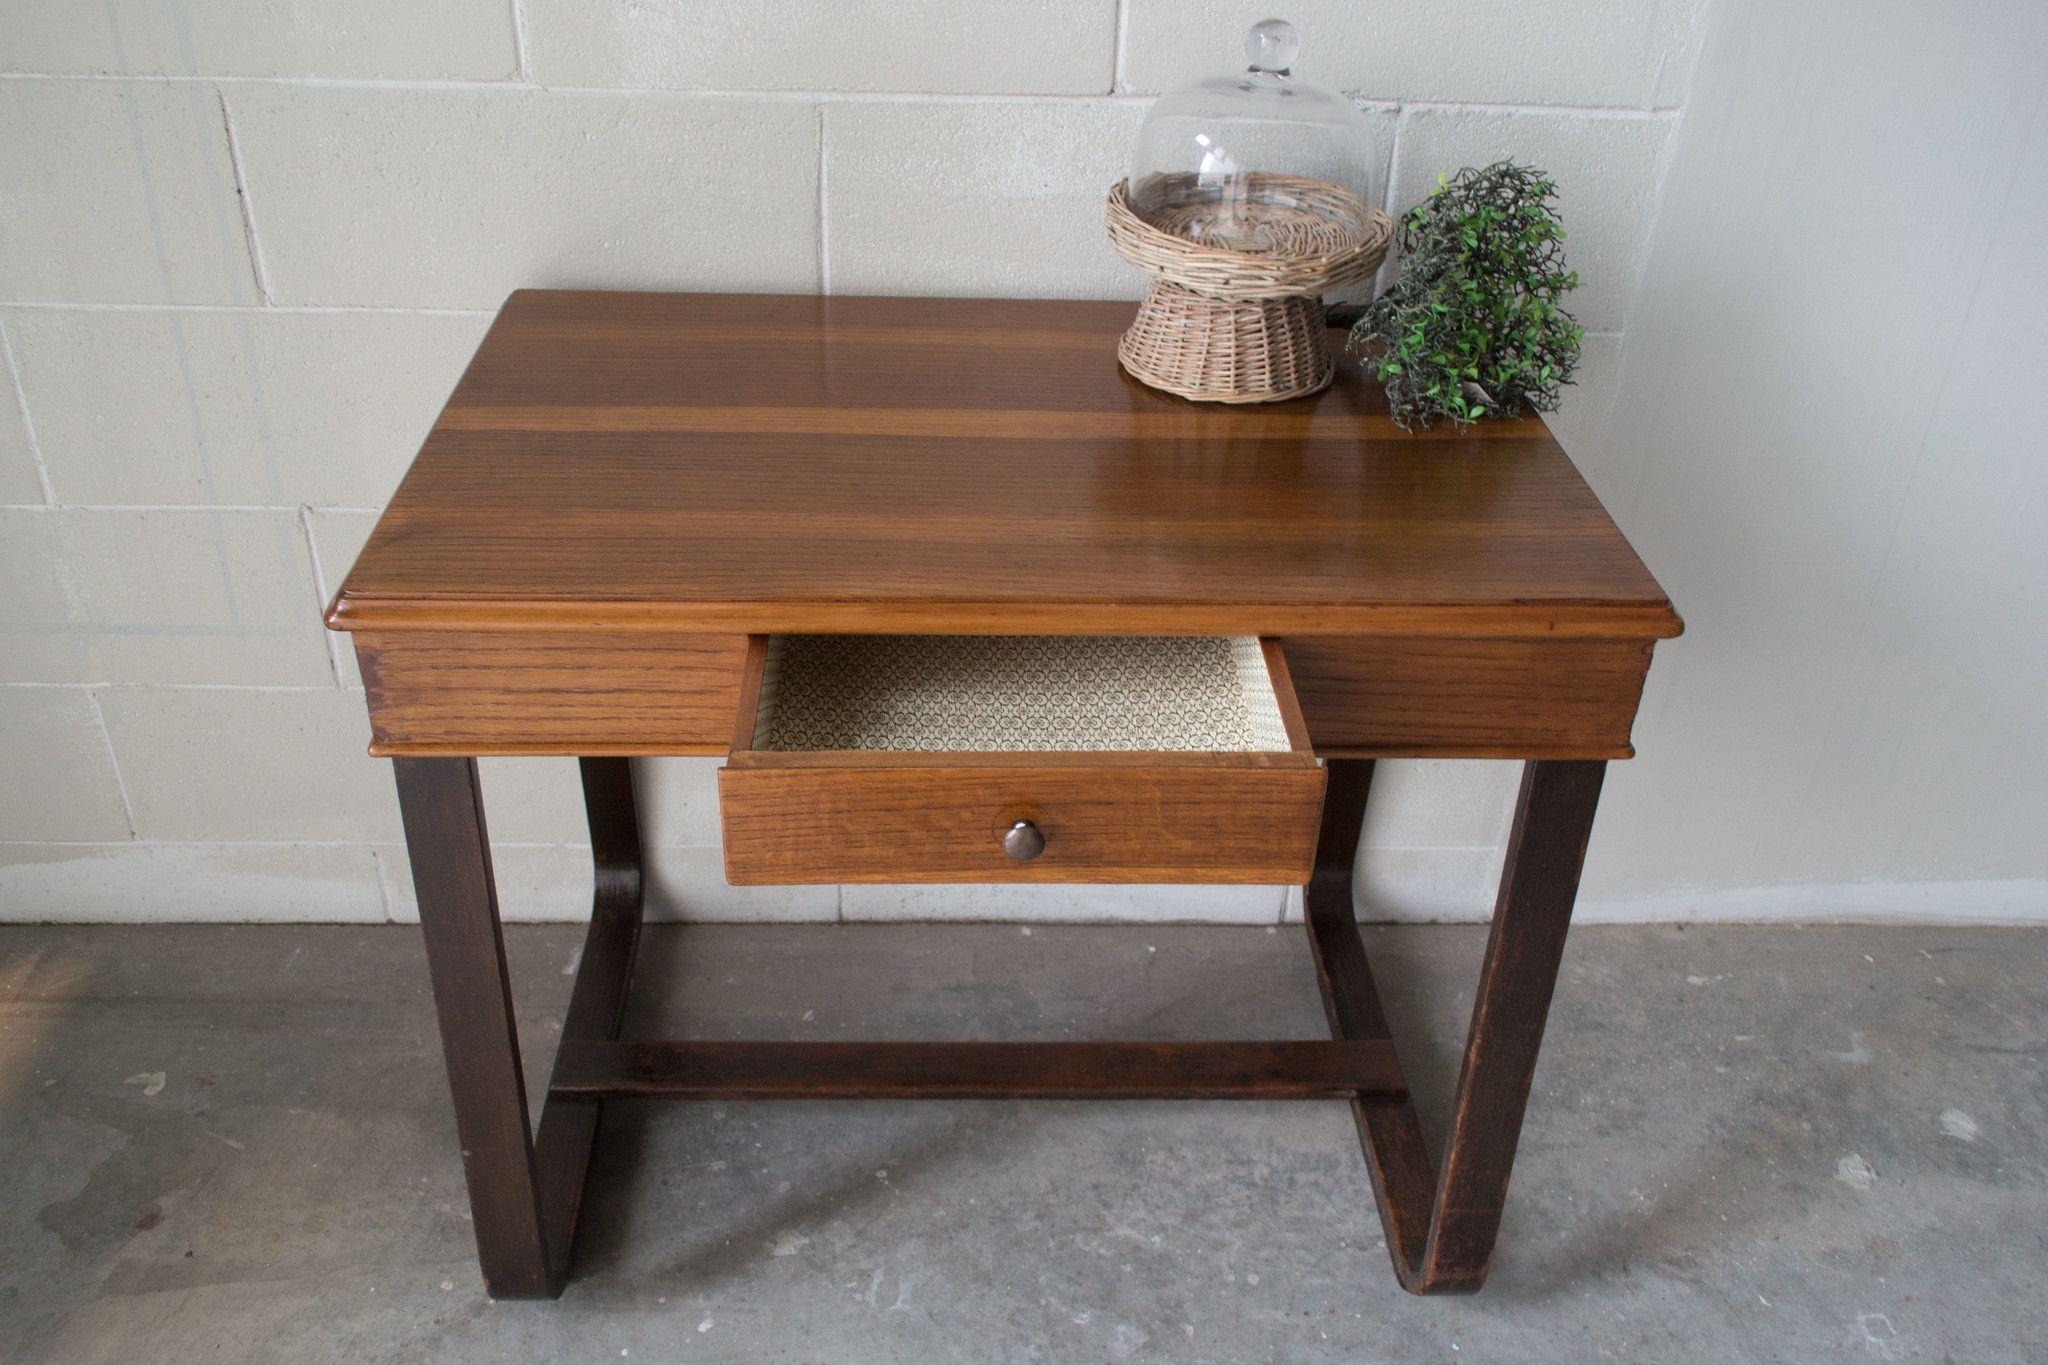 13 scrivania anni 39 30 in legno mobili complementari for Mobili store online